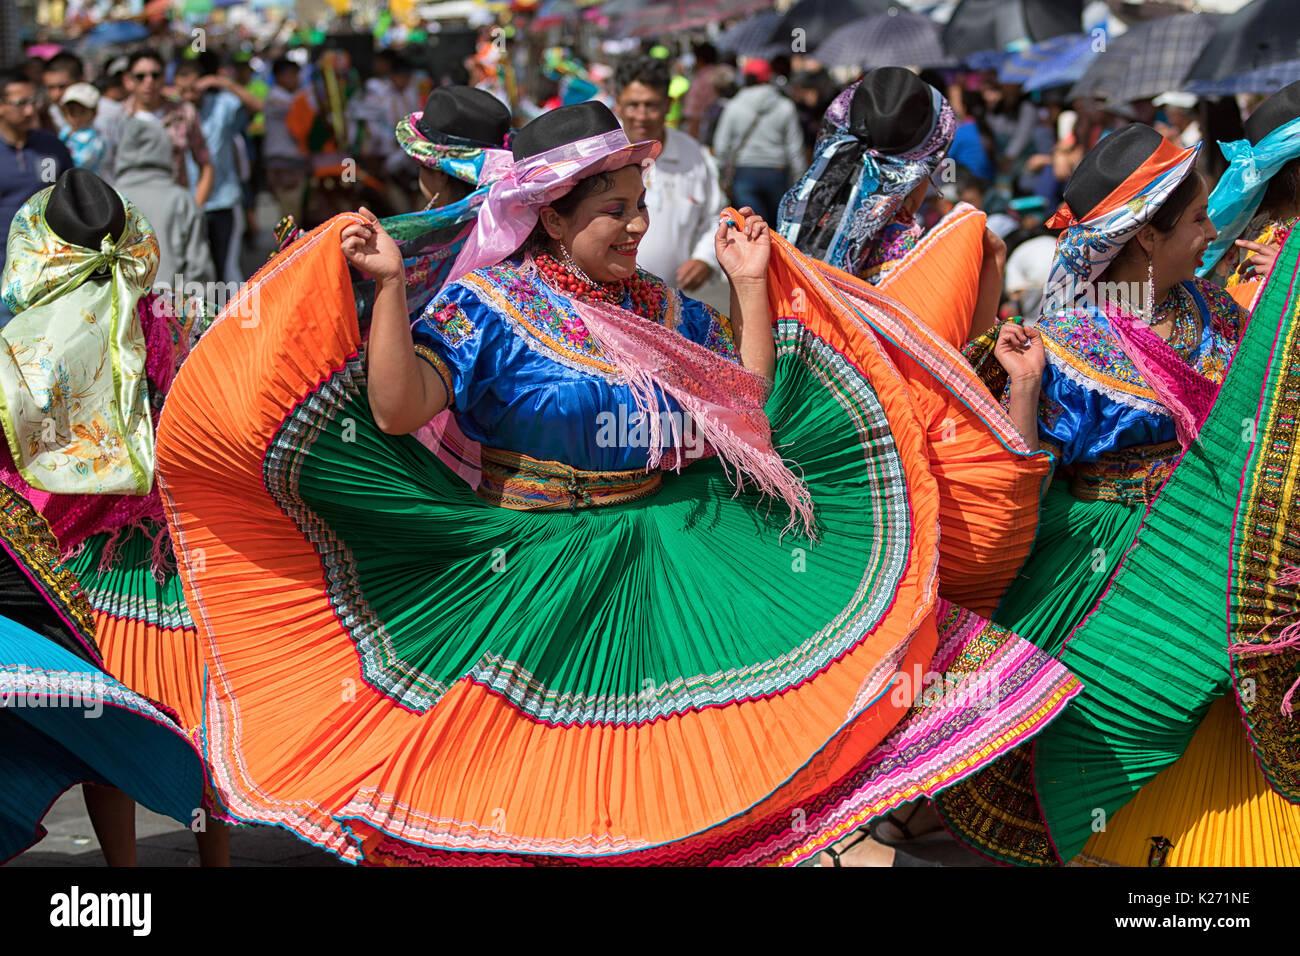 El 17 de junio de 2017, Ecuador Pujili: bailarina en vestimentas tradicionales en movimiento en el desfile anual del Corpus Christi Imagen De Stock